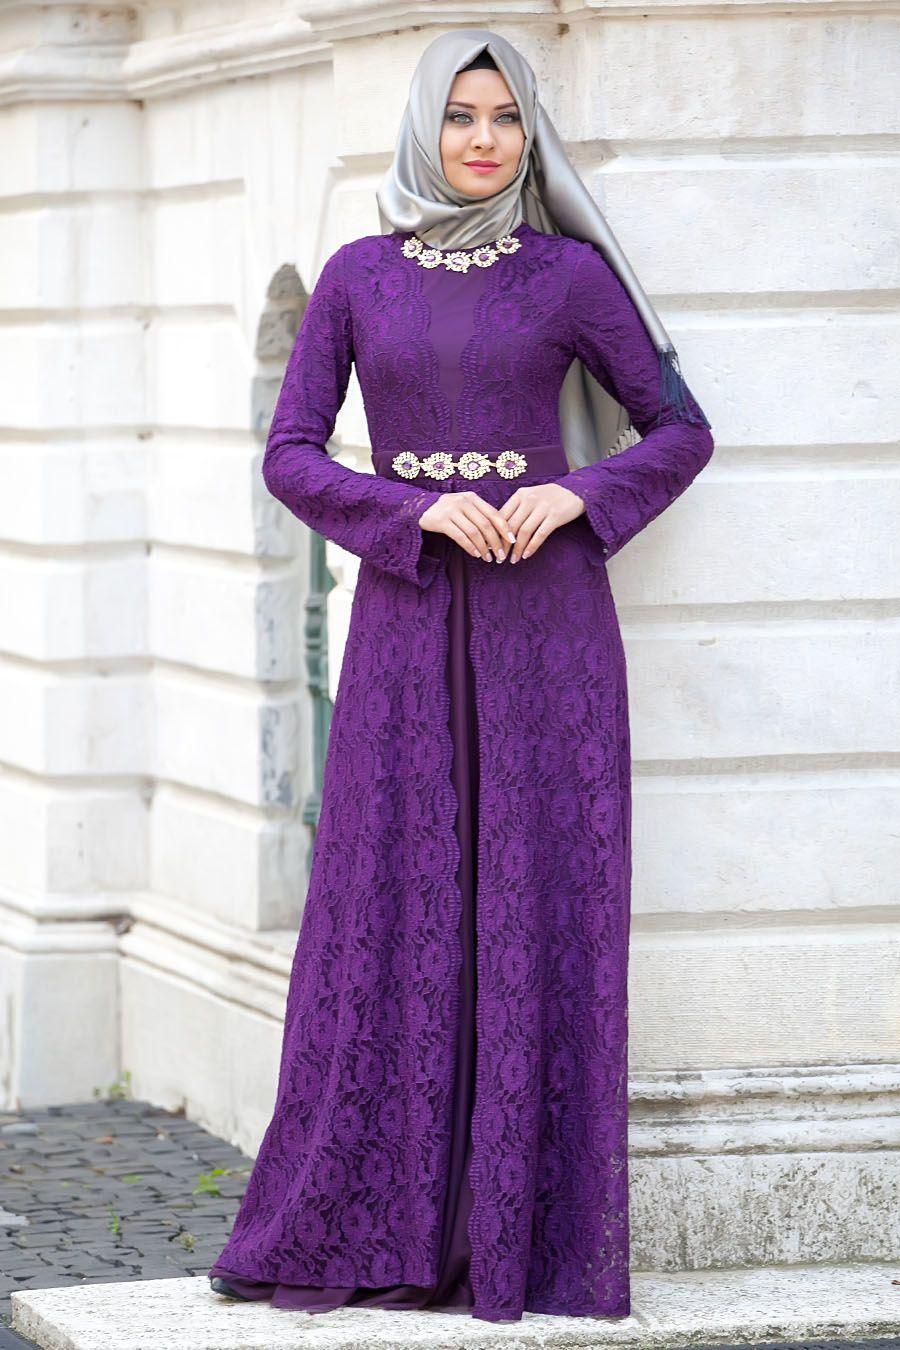 f12bfccc496a4 Tesettürlü Abiye Elbiseler - Tesetturisland.com   ♥♥ Loved ...